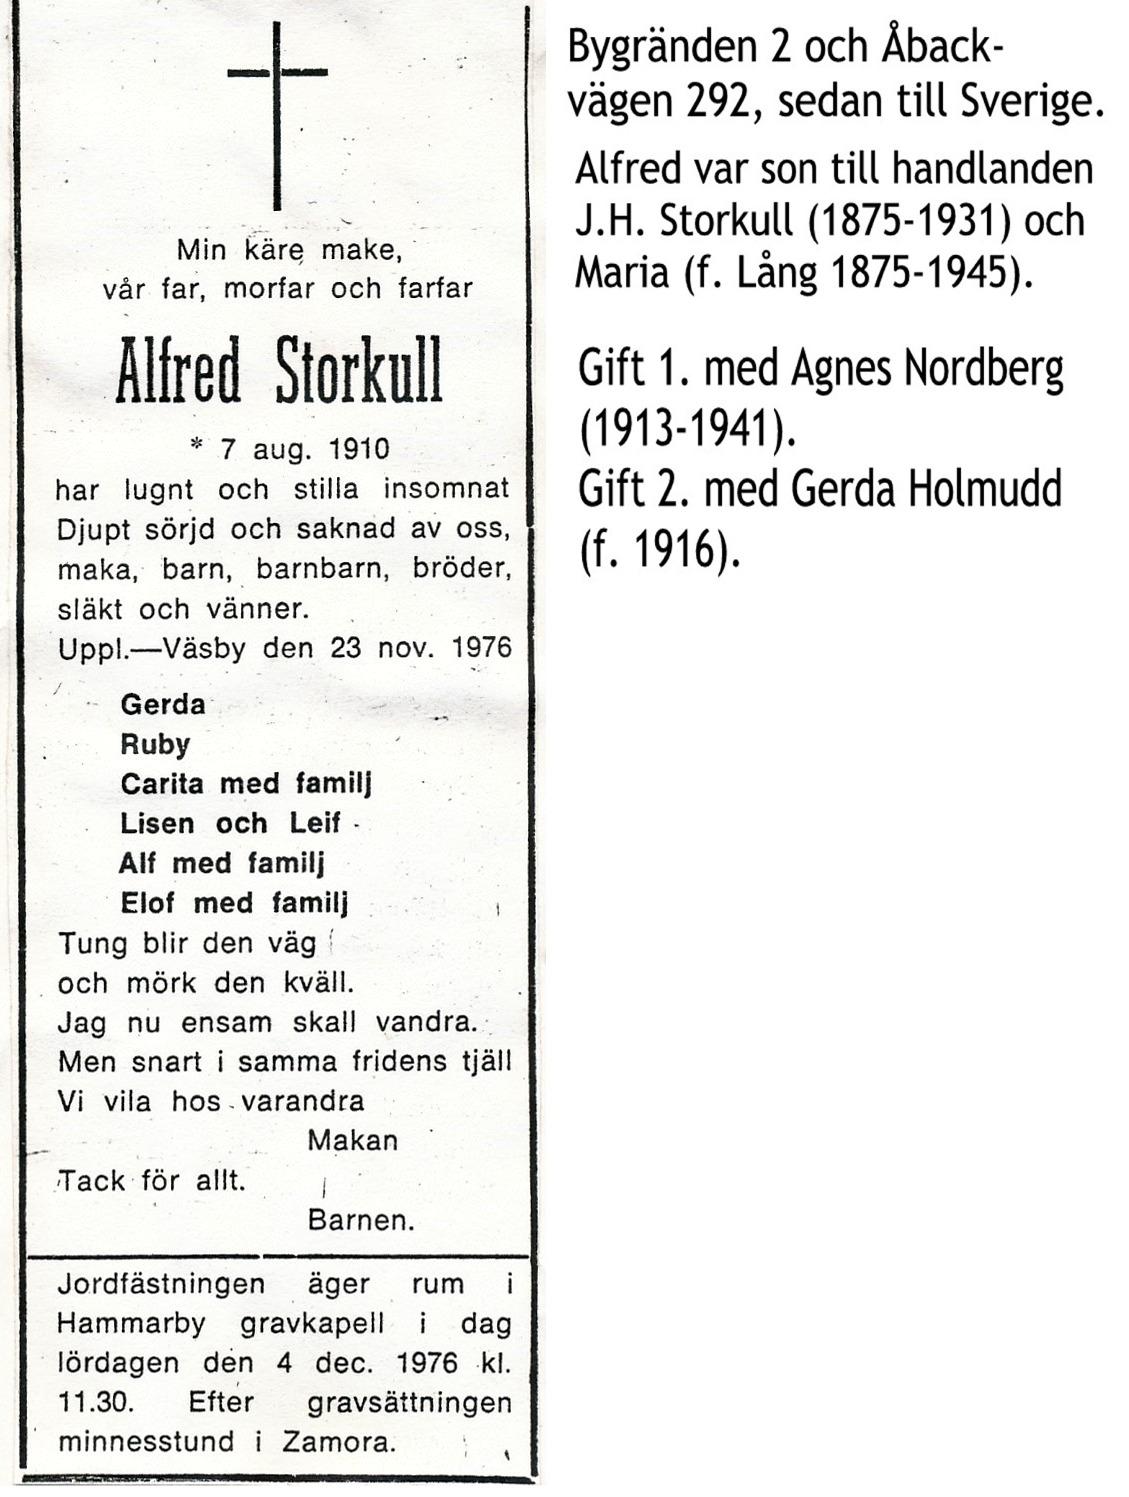 Storkull Alfred